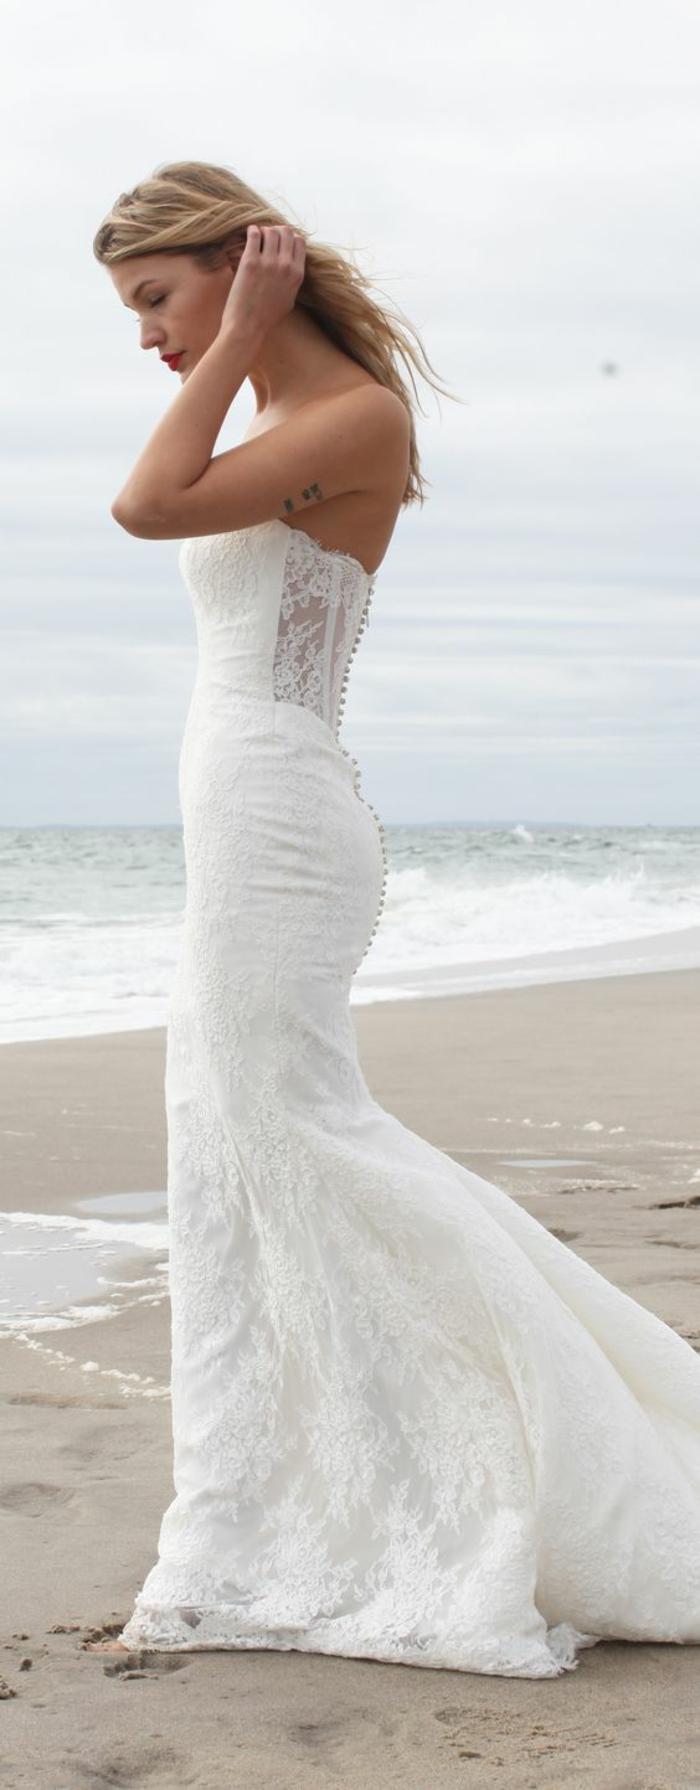 robe-de-mariée-bustier-avec-traine-robes-de-mariée-bustier-dentelle-au-bord-de-la-mer